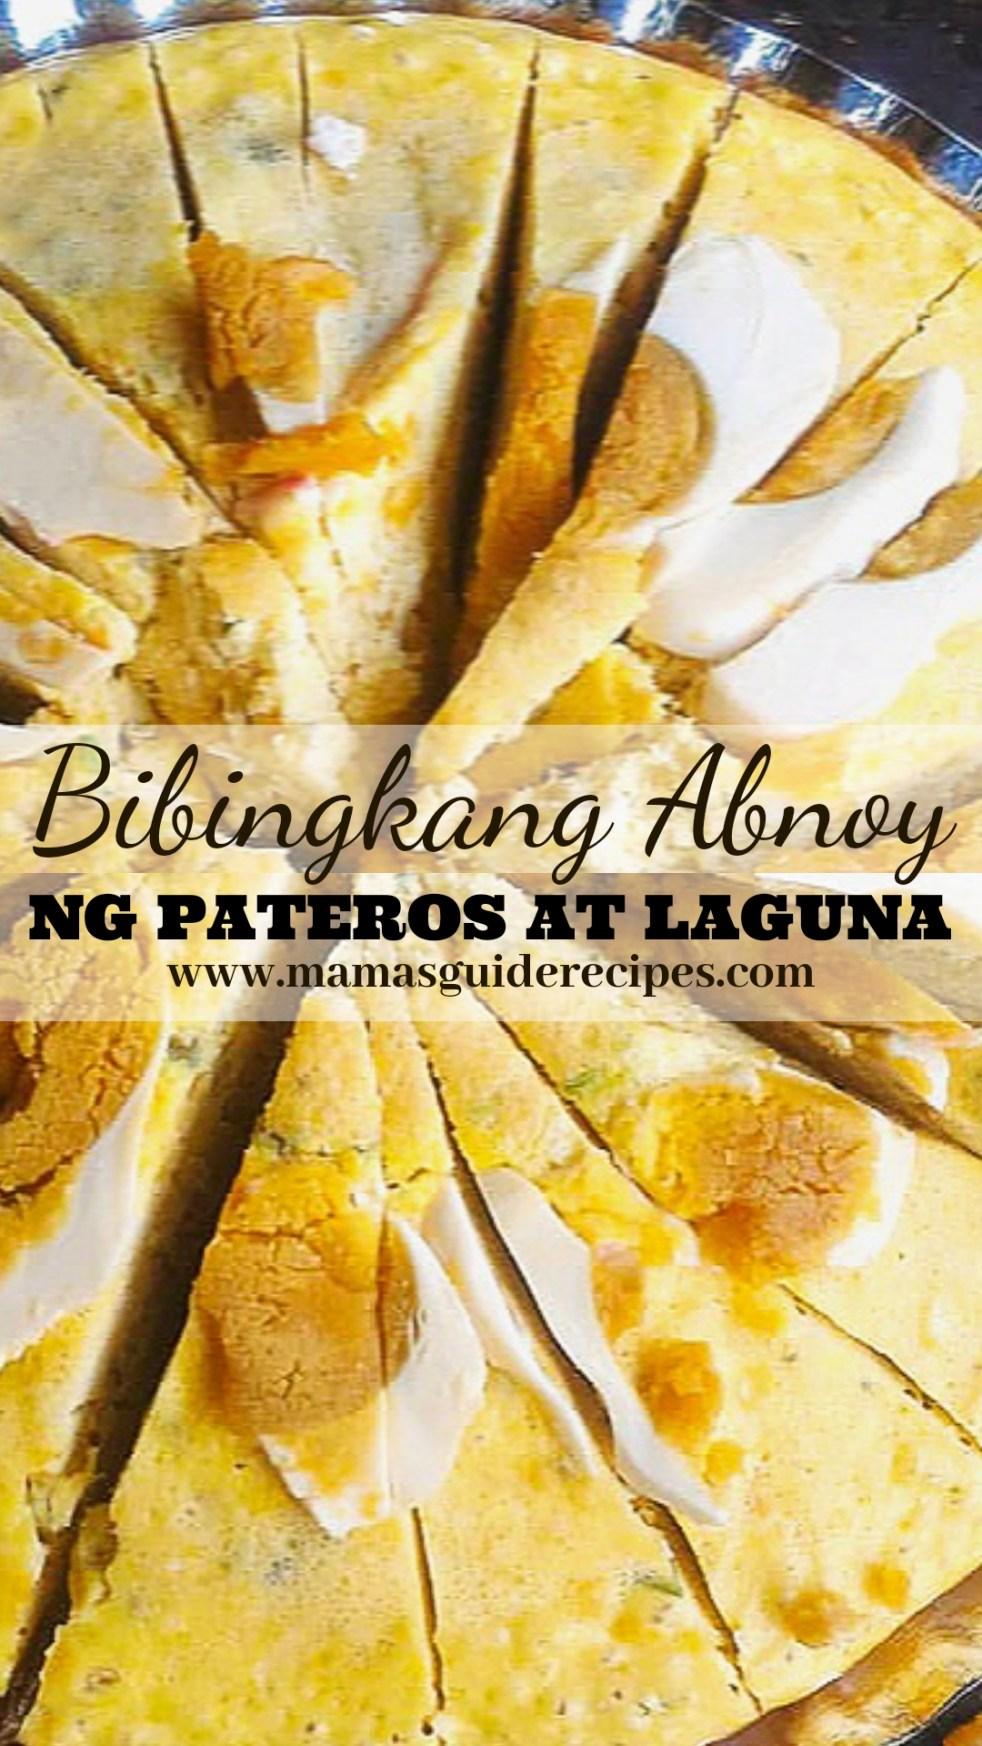 BIBINGKANG ABNOY RECIPE